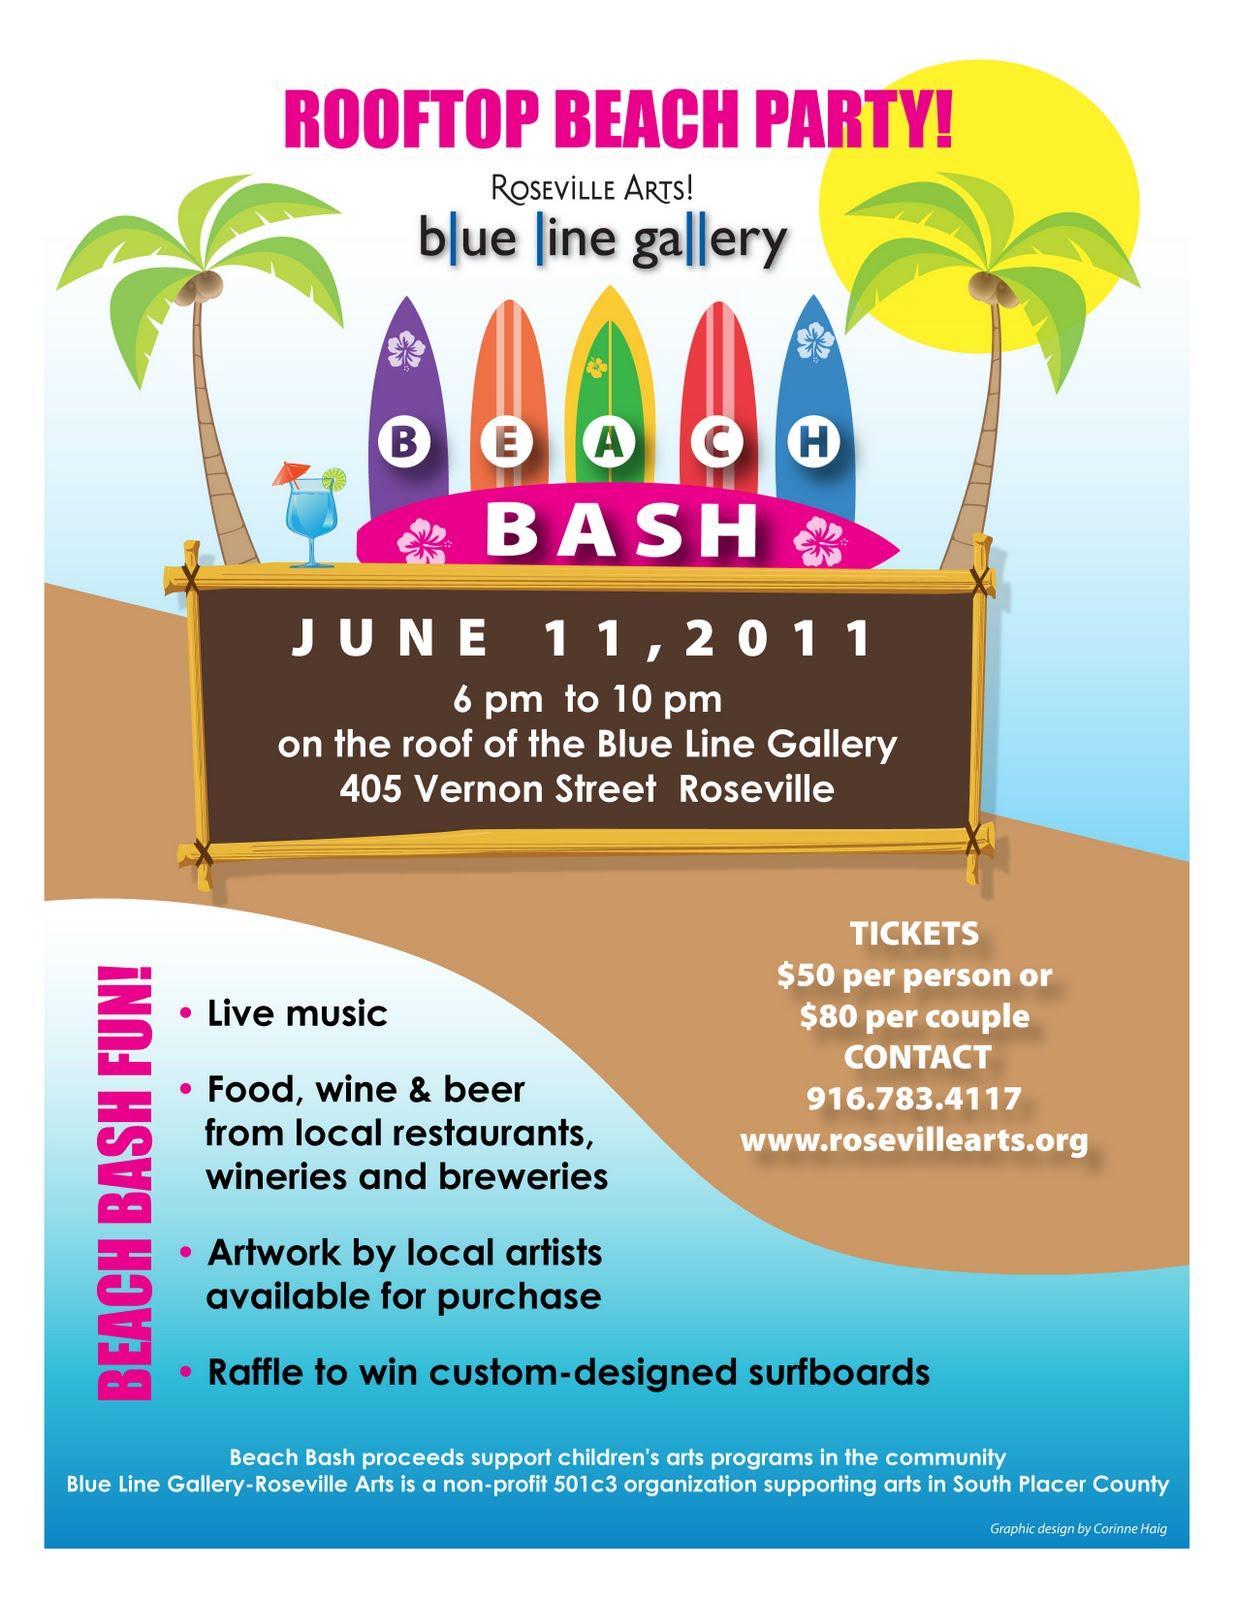 Corinne Design Beach Bash Fundraiser Branding Logo Amp Poster